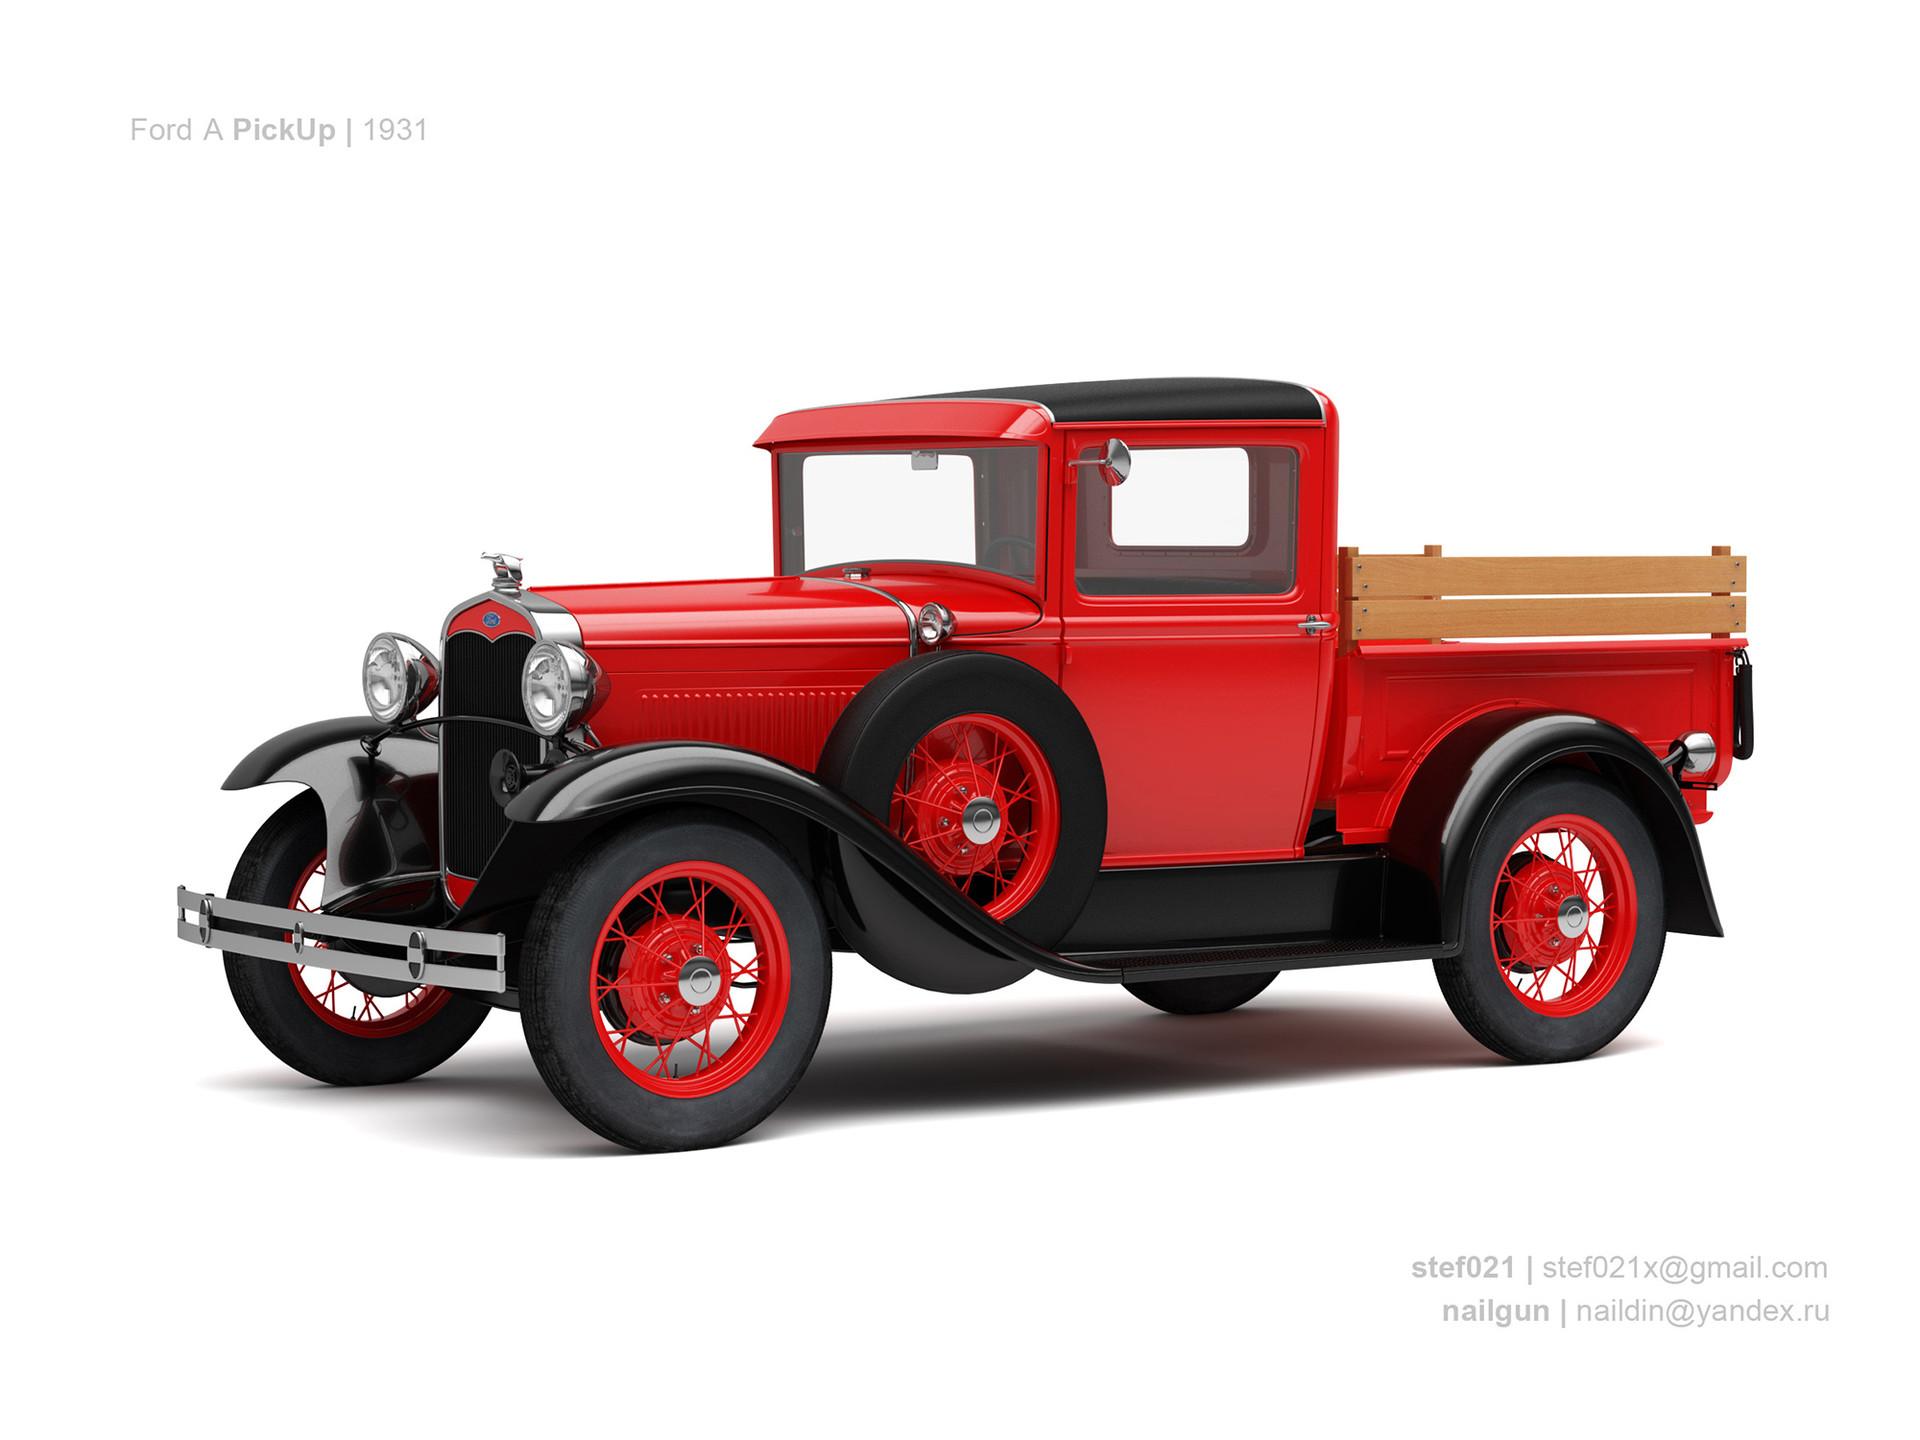 Nail khusnutdinov usa ford a pickup 1931 0